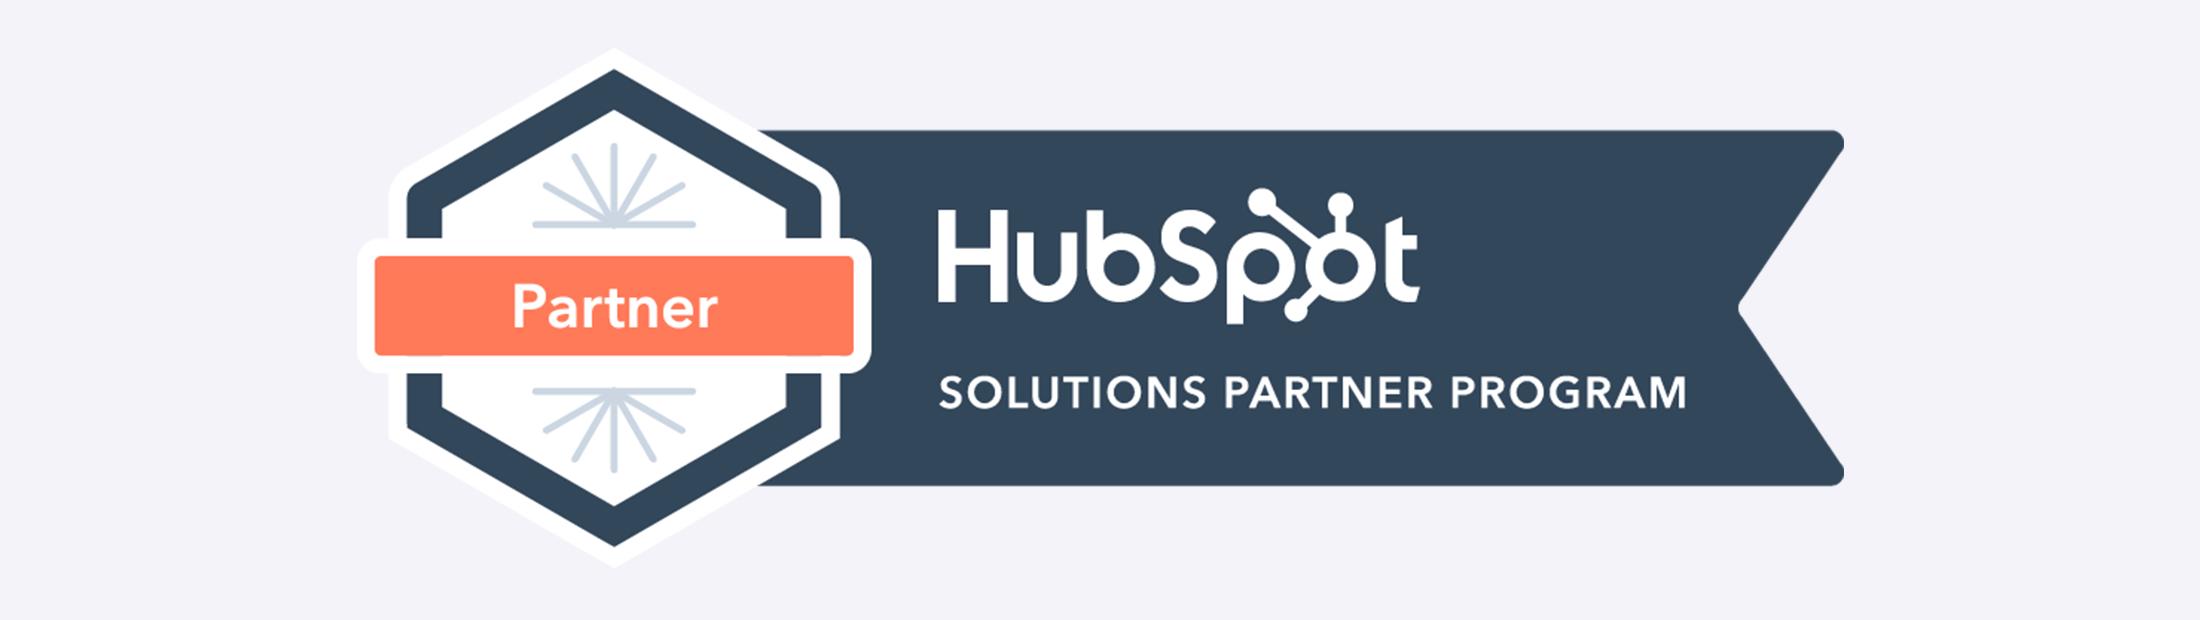 hubspot_partner-2